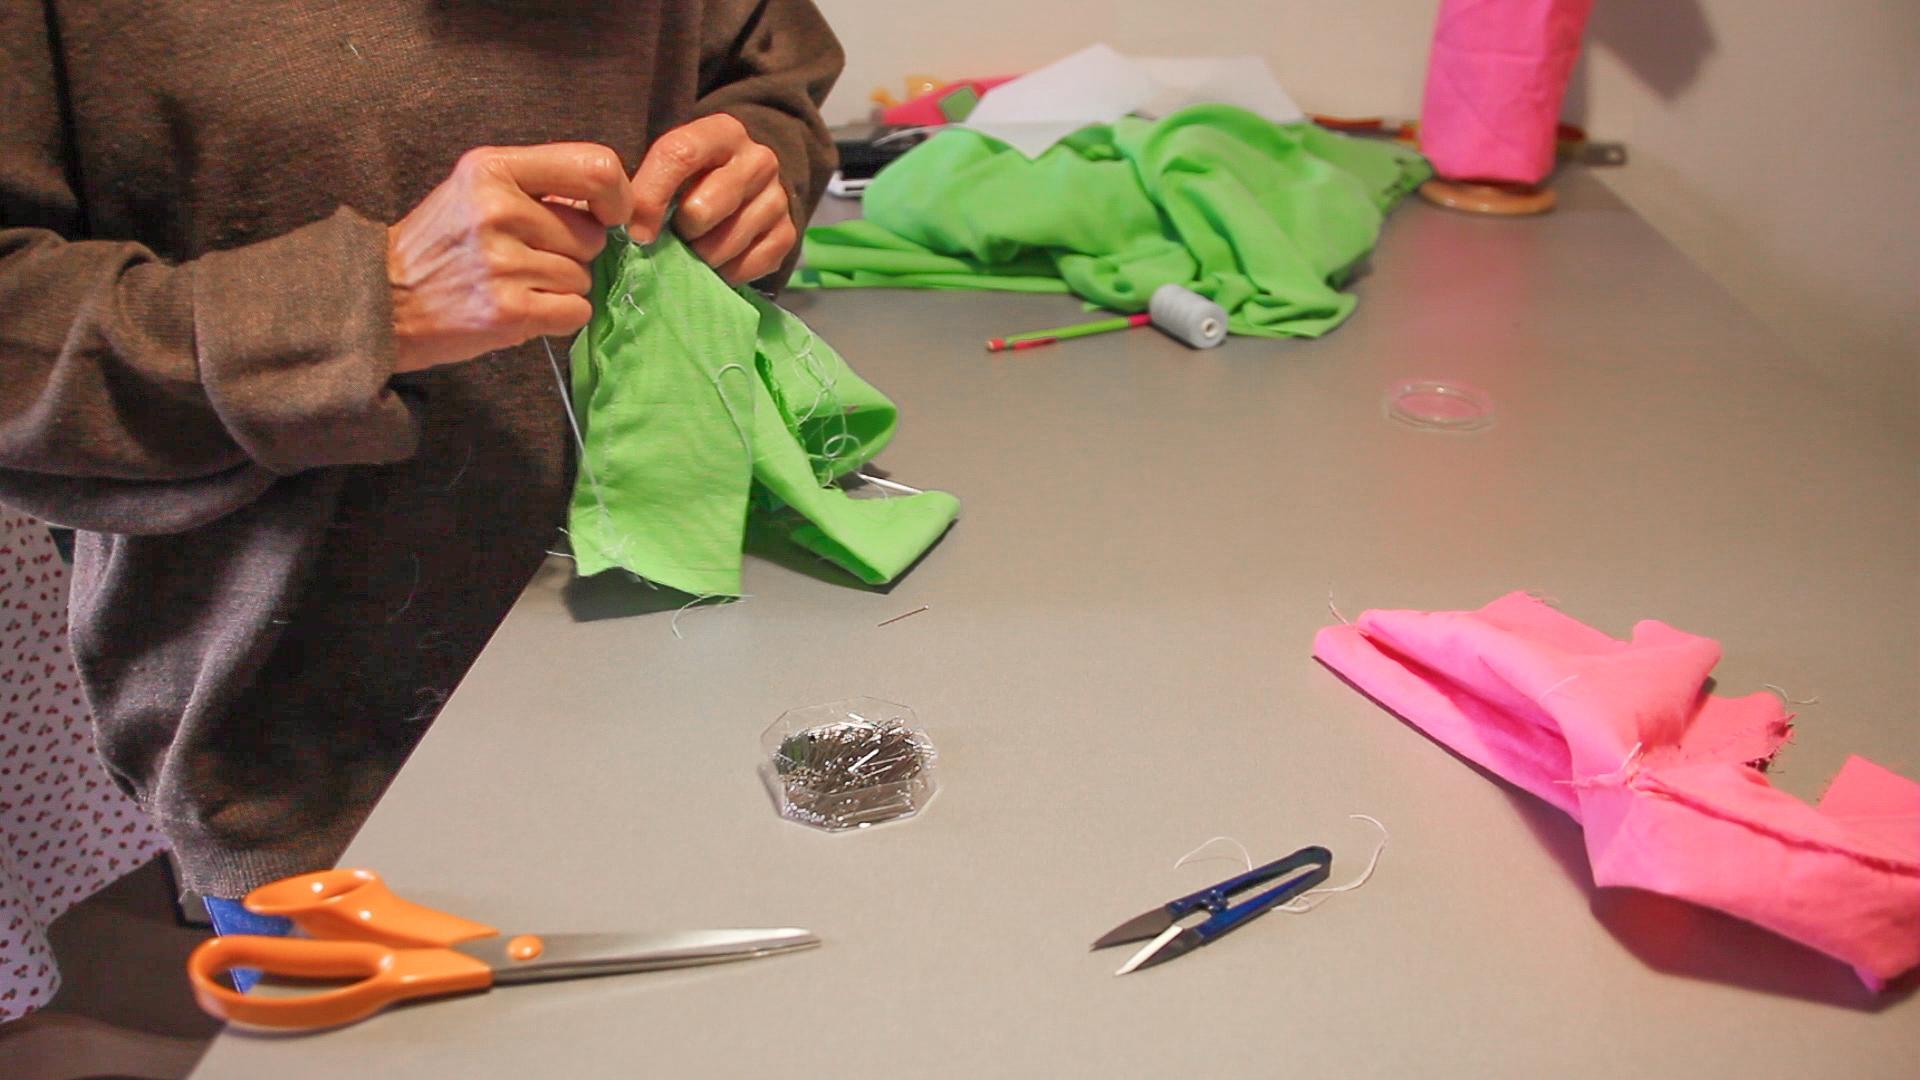 Les talents d'alphonse - prendre un cours de couture pas cher